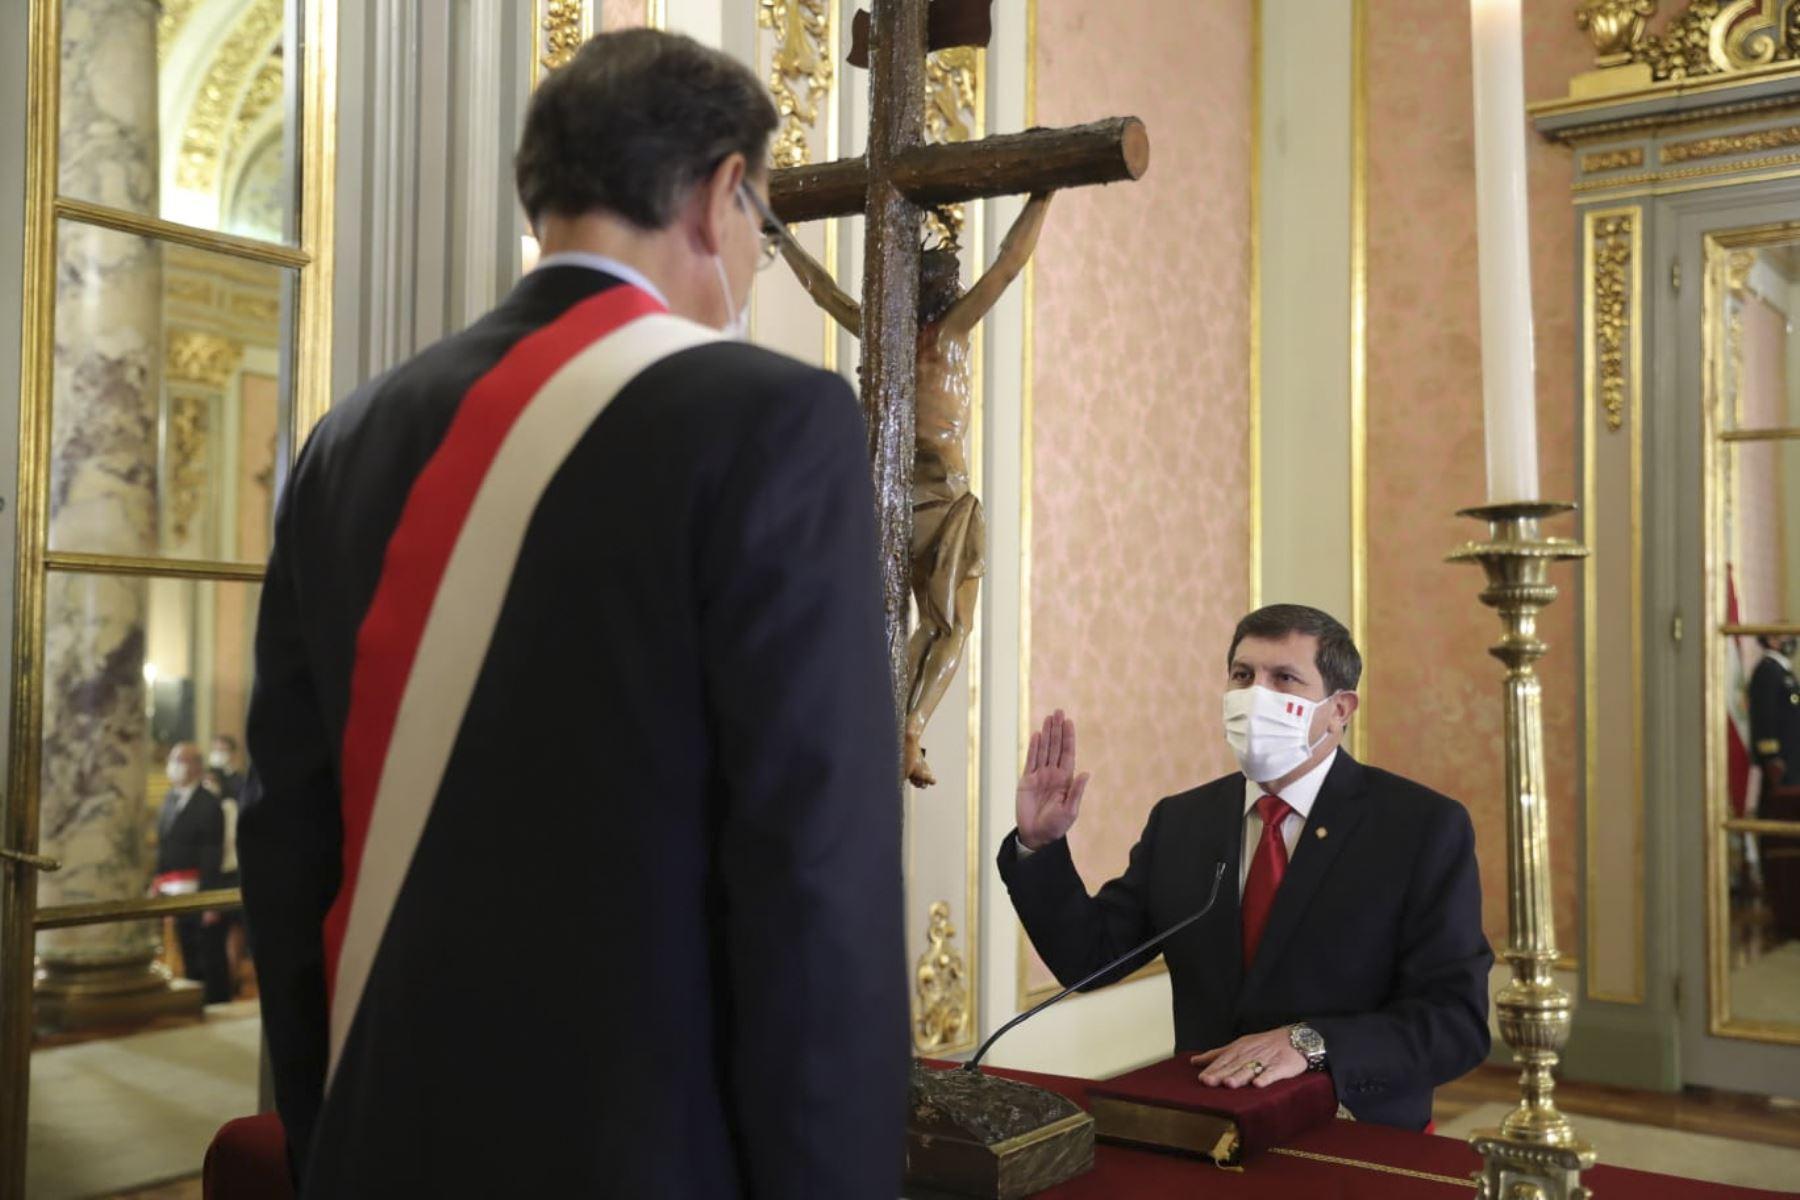 El presidente de la República, Martín Vizcarra, toma juramento a Jorge Chavez Cresta como ministro de defensa. Foto: ANDINA/ Prensa Presidencia